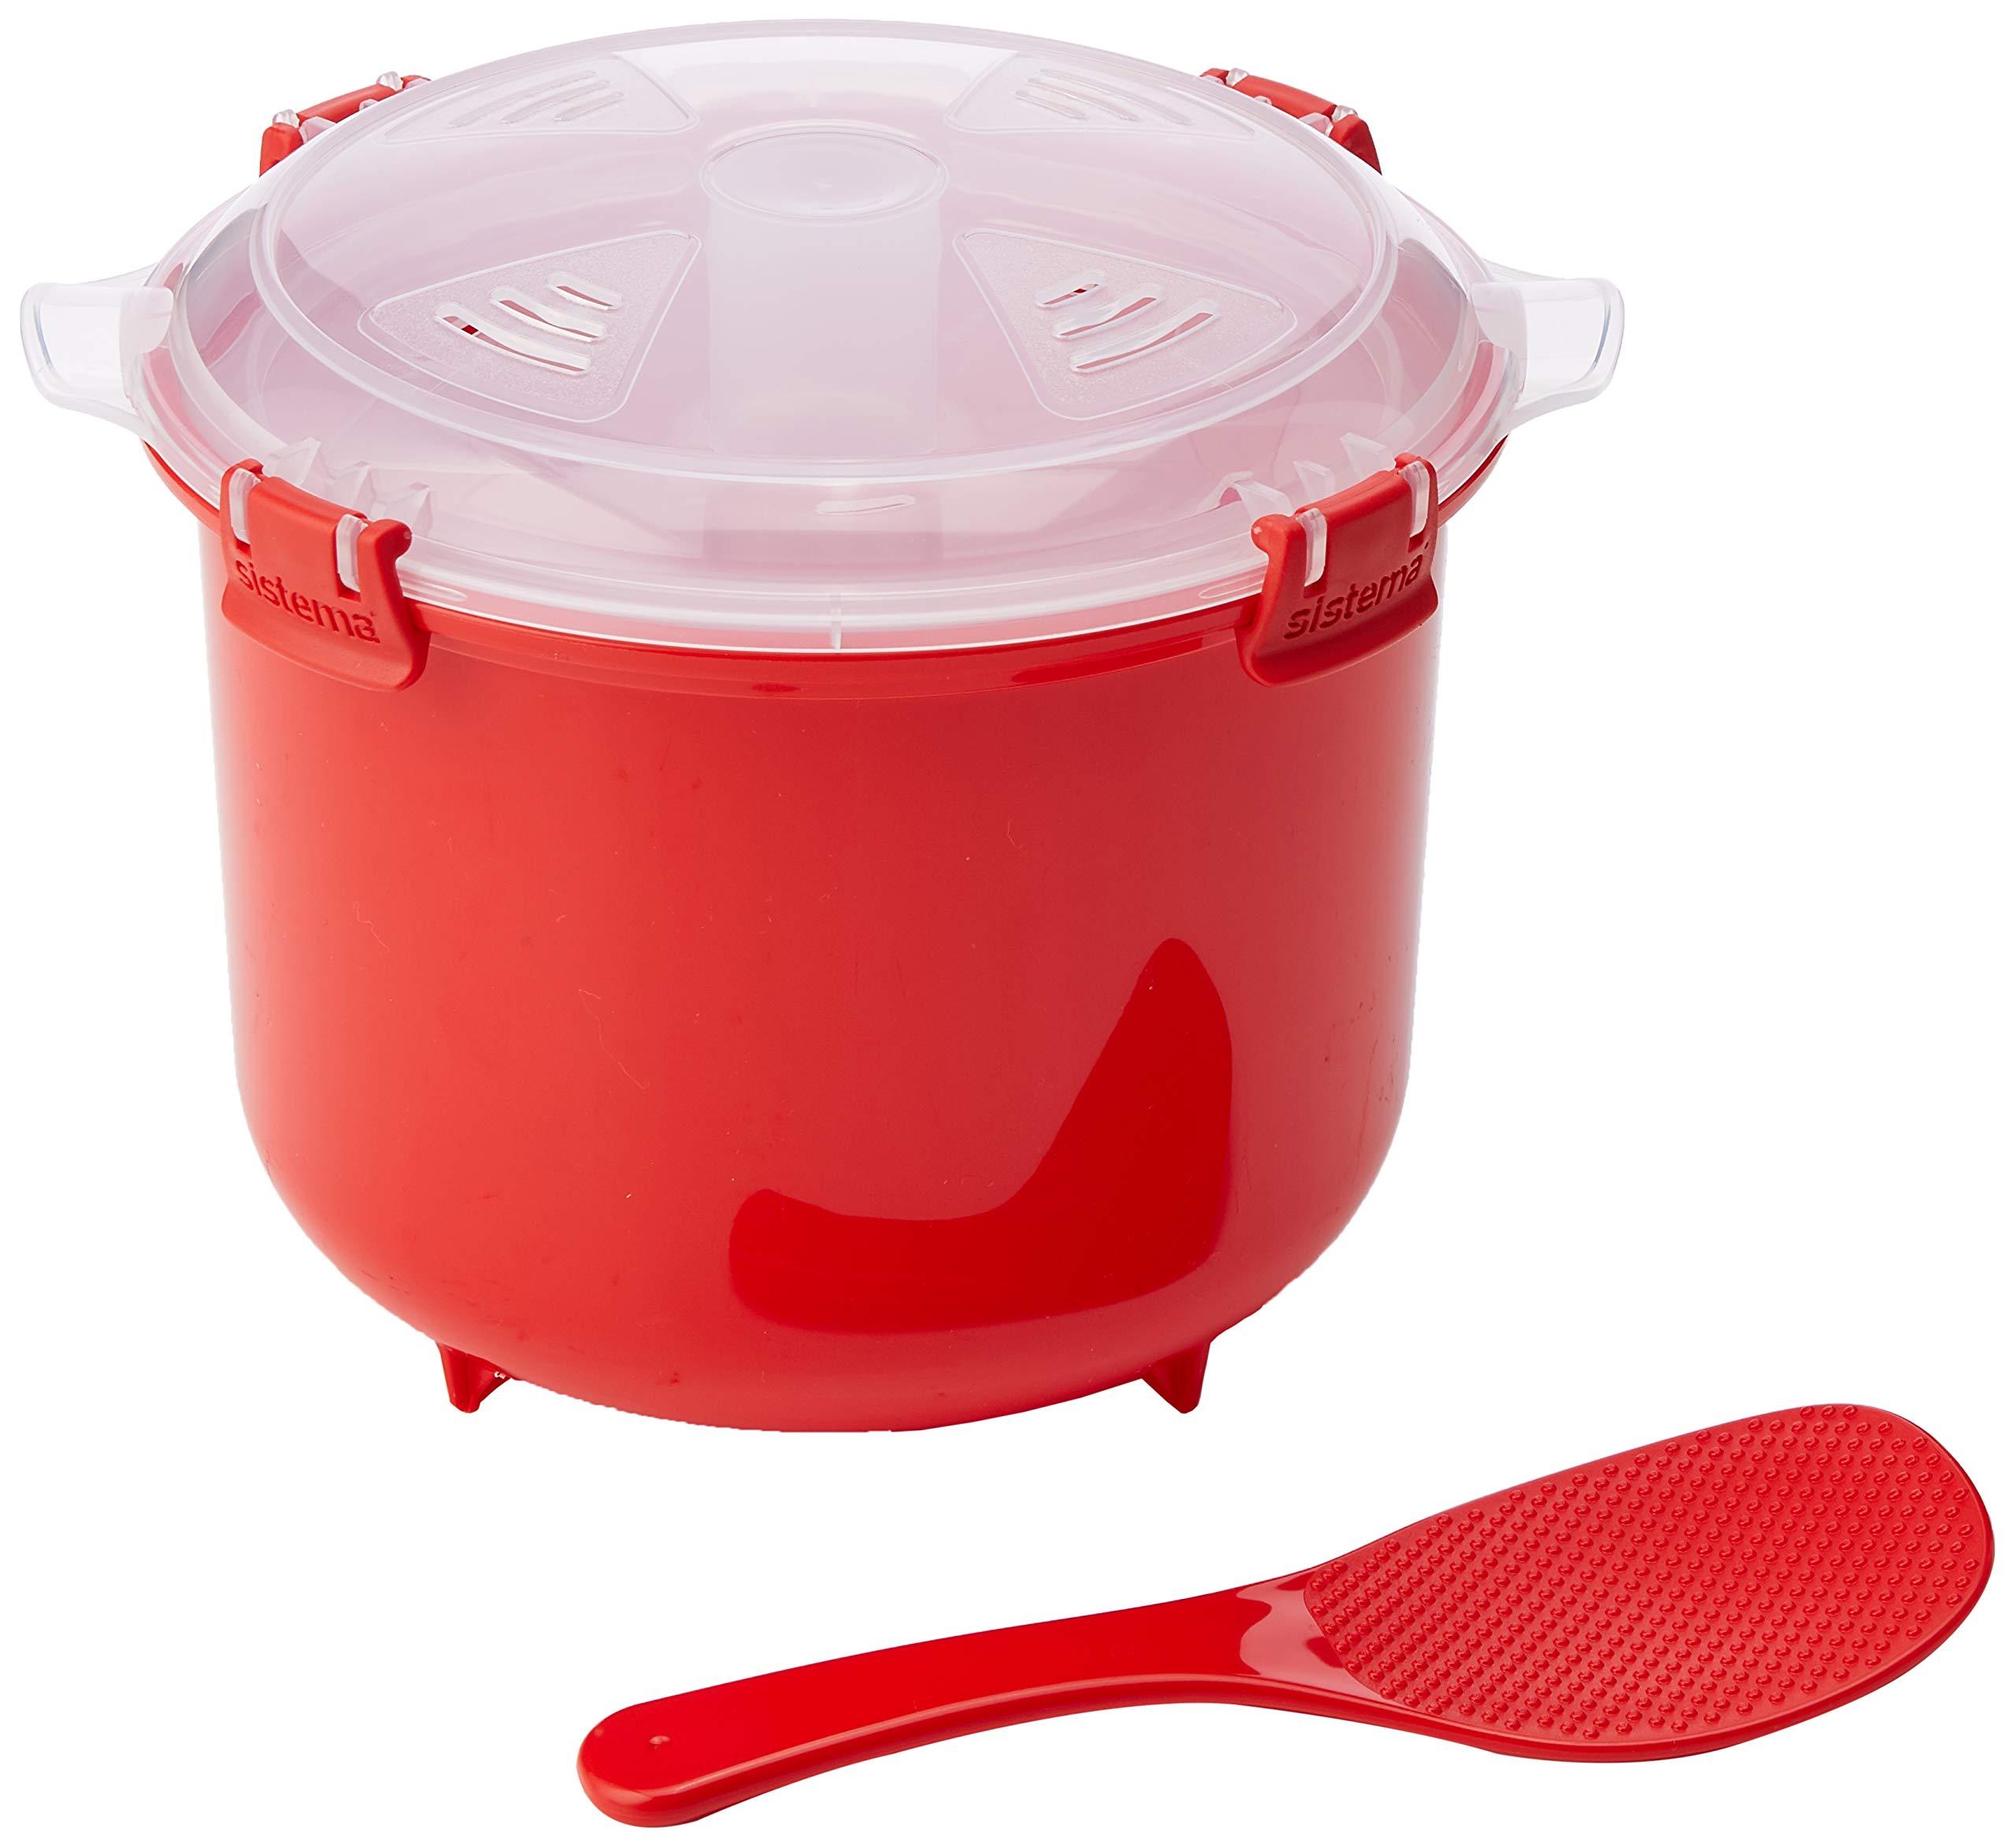 Sistema SI1110 Micro-Ondes Cuiseur à Riz Plastique Rouge 45 x 35 x 25 cm 2,6 L product image